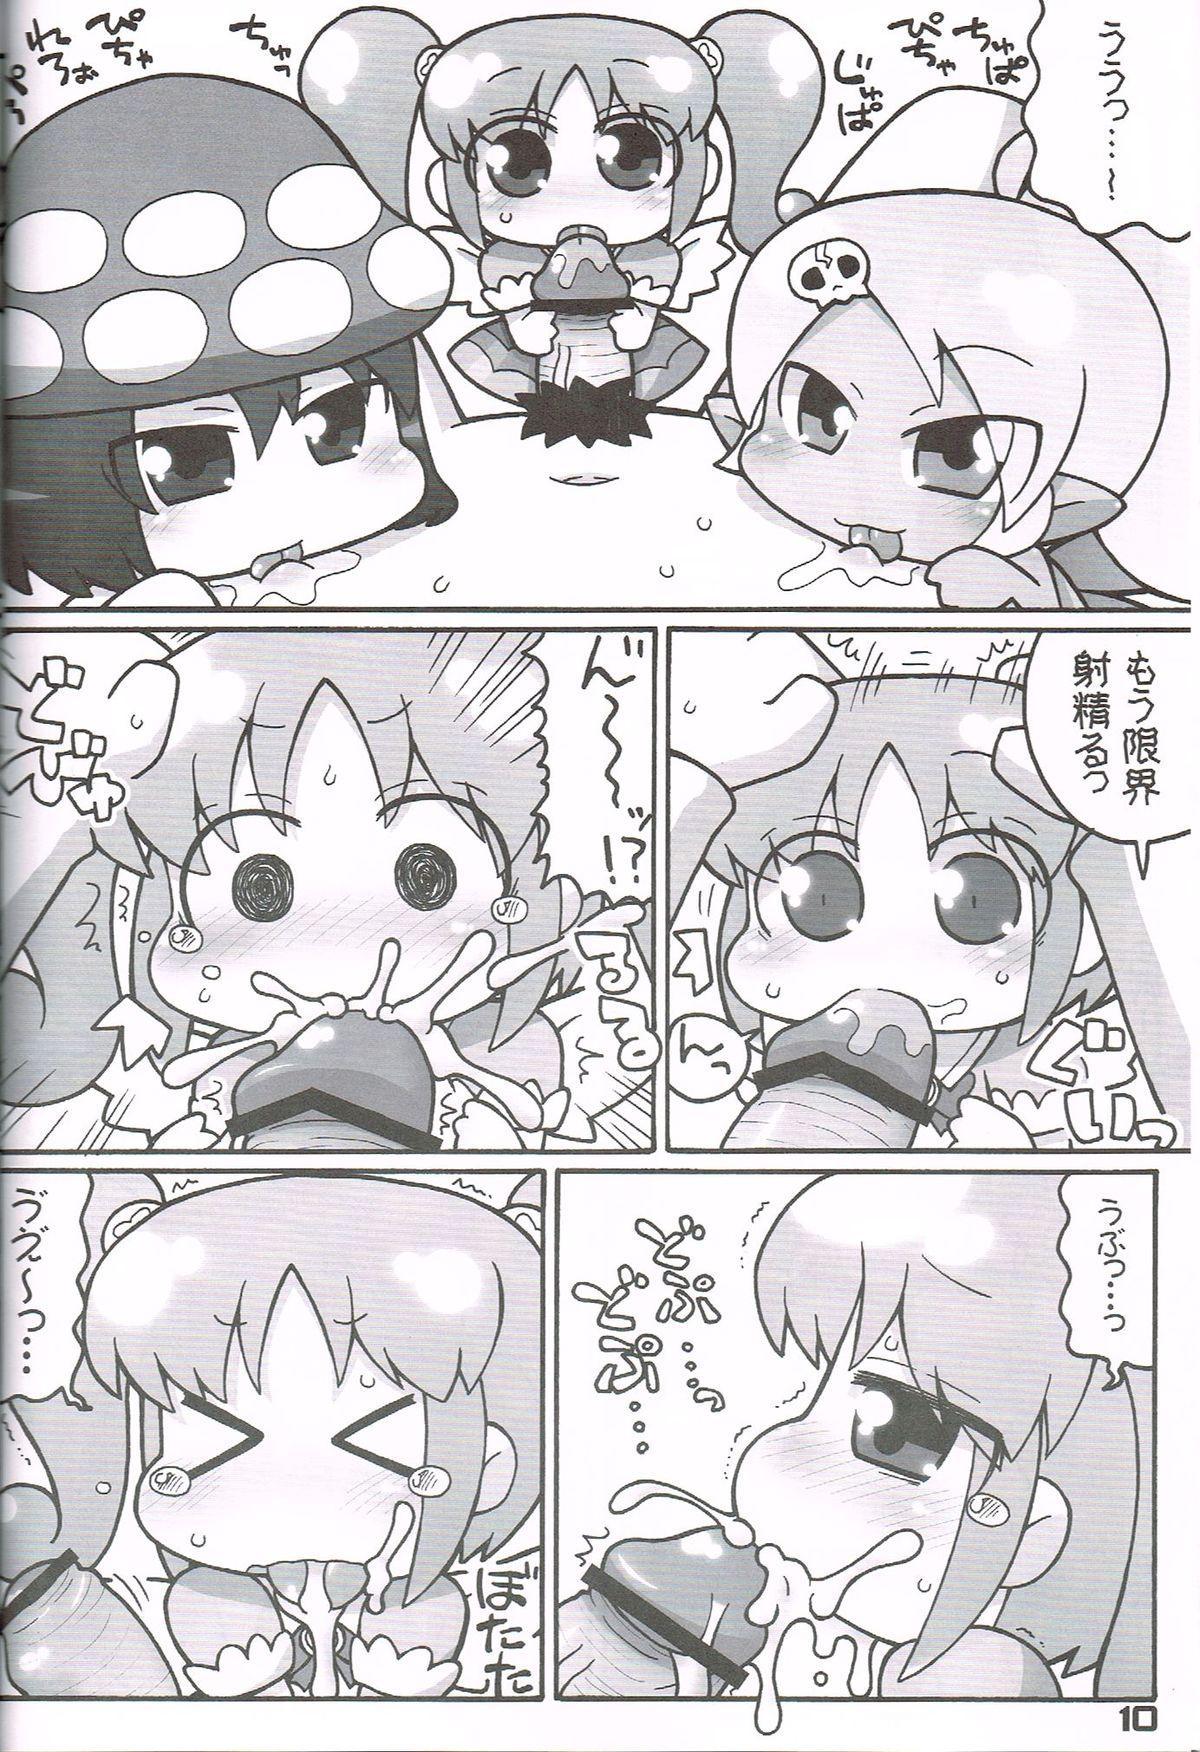 """Hatashite Konofuyu Nansatsu no Doujinshi ga """"○○ Fairies"""" Toiu Title Darouka 8"""